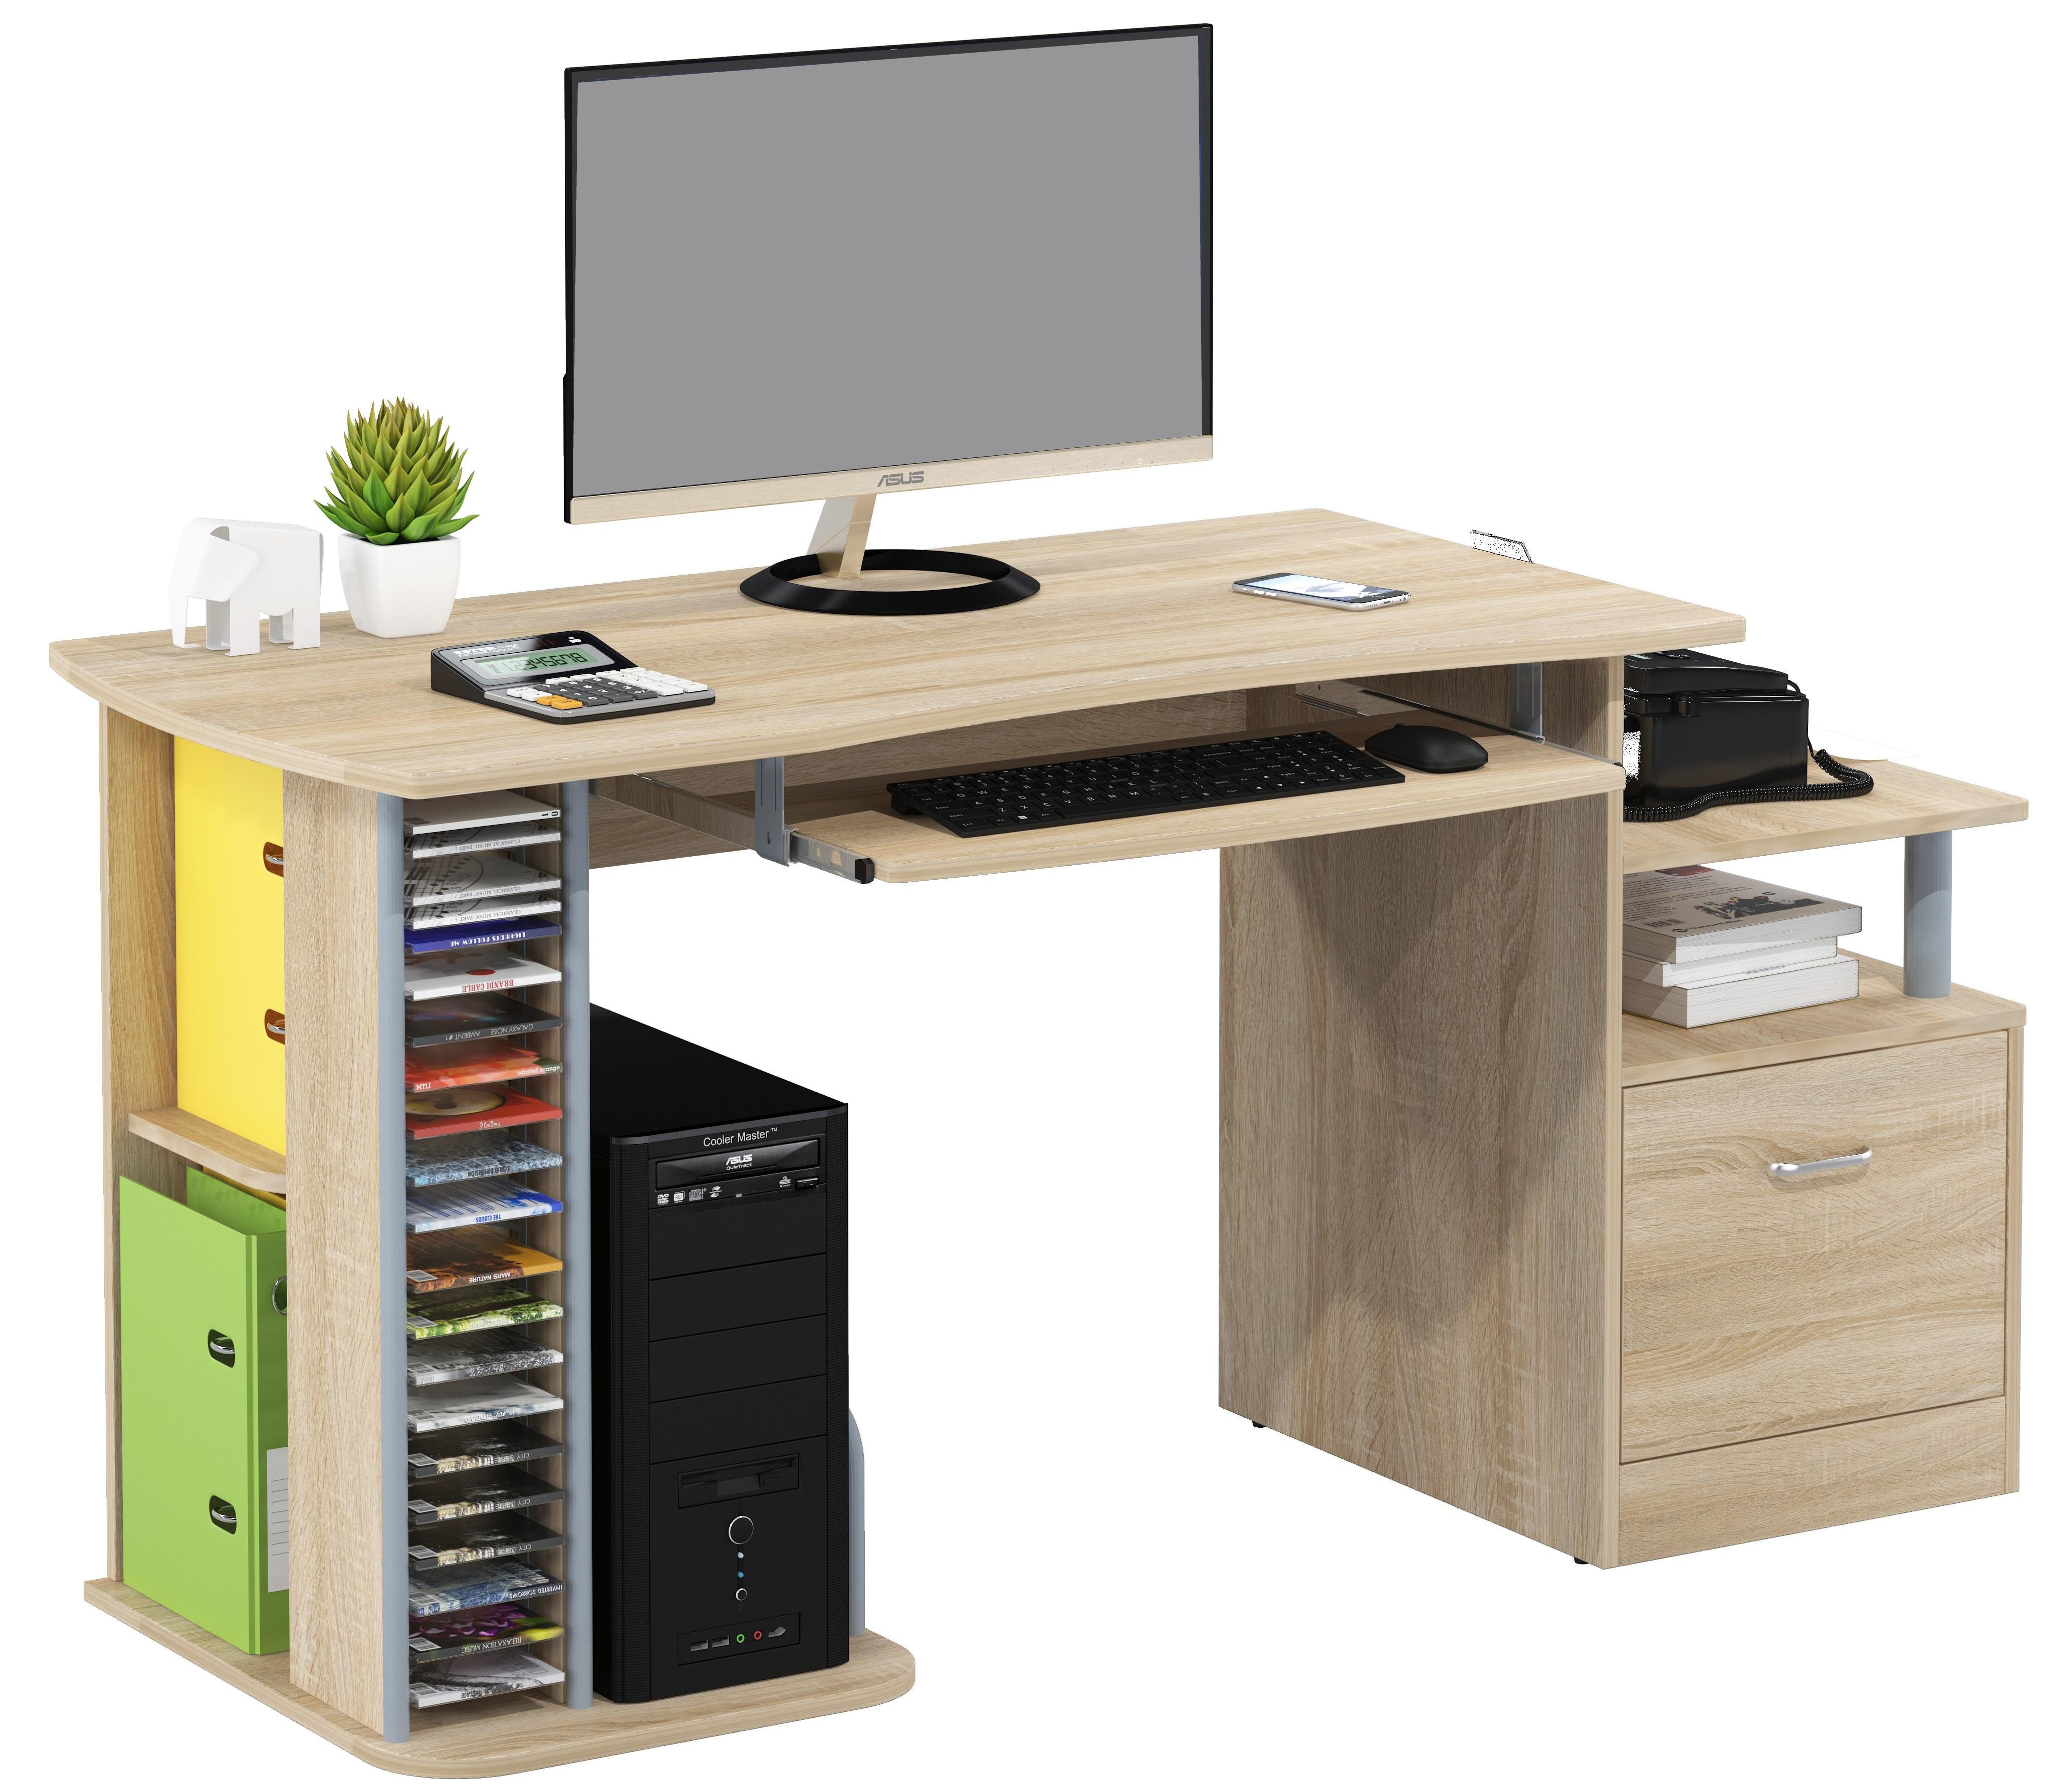 Sixbros scrivania porta pc tavolo ufficio diversi colori for Tavolo scrivania